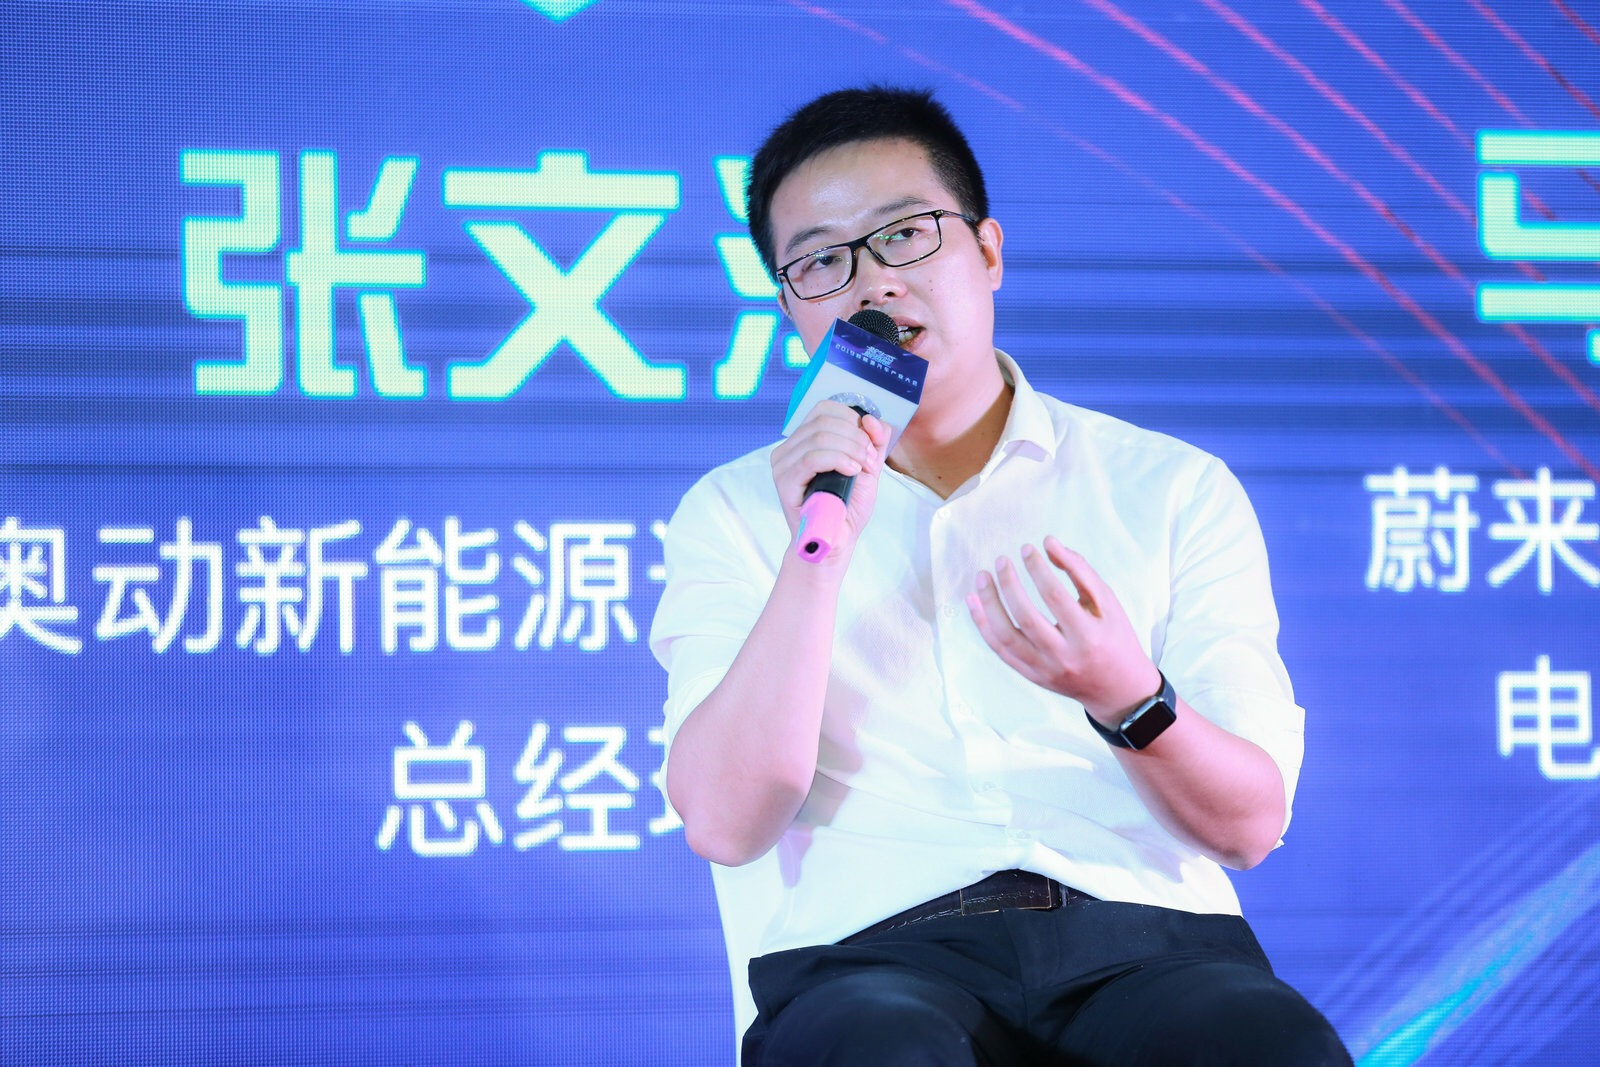 奥动新能源运营中心总经理张文涛